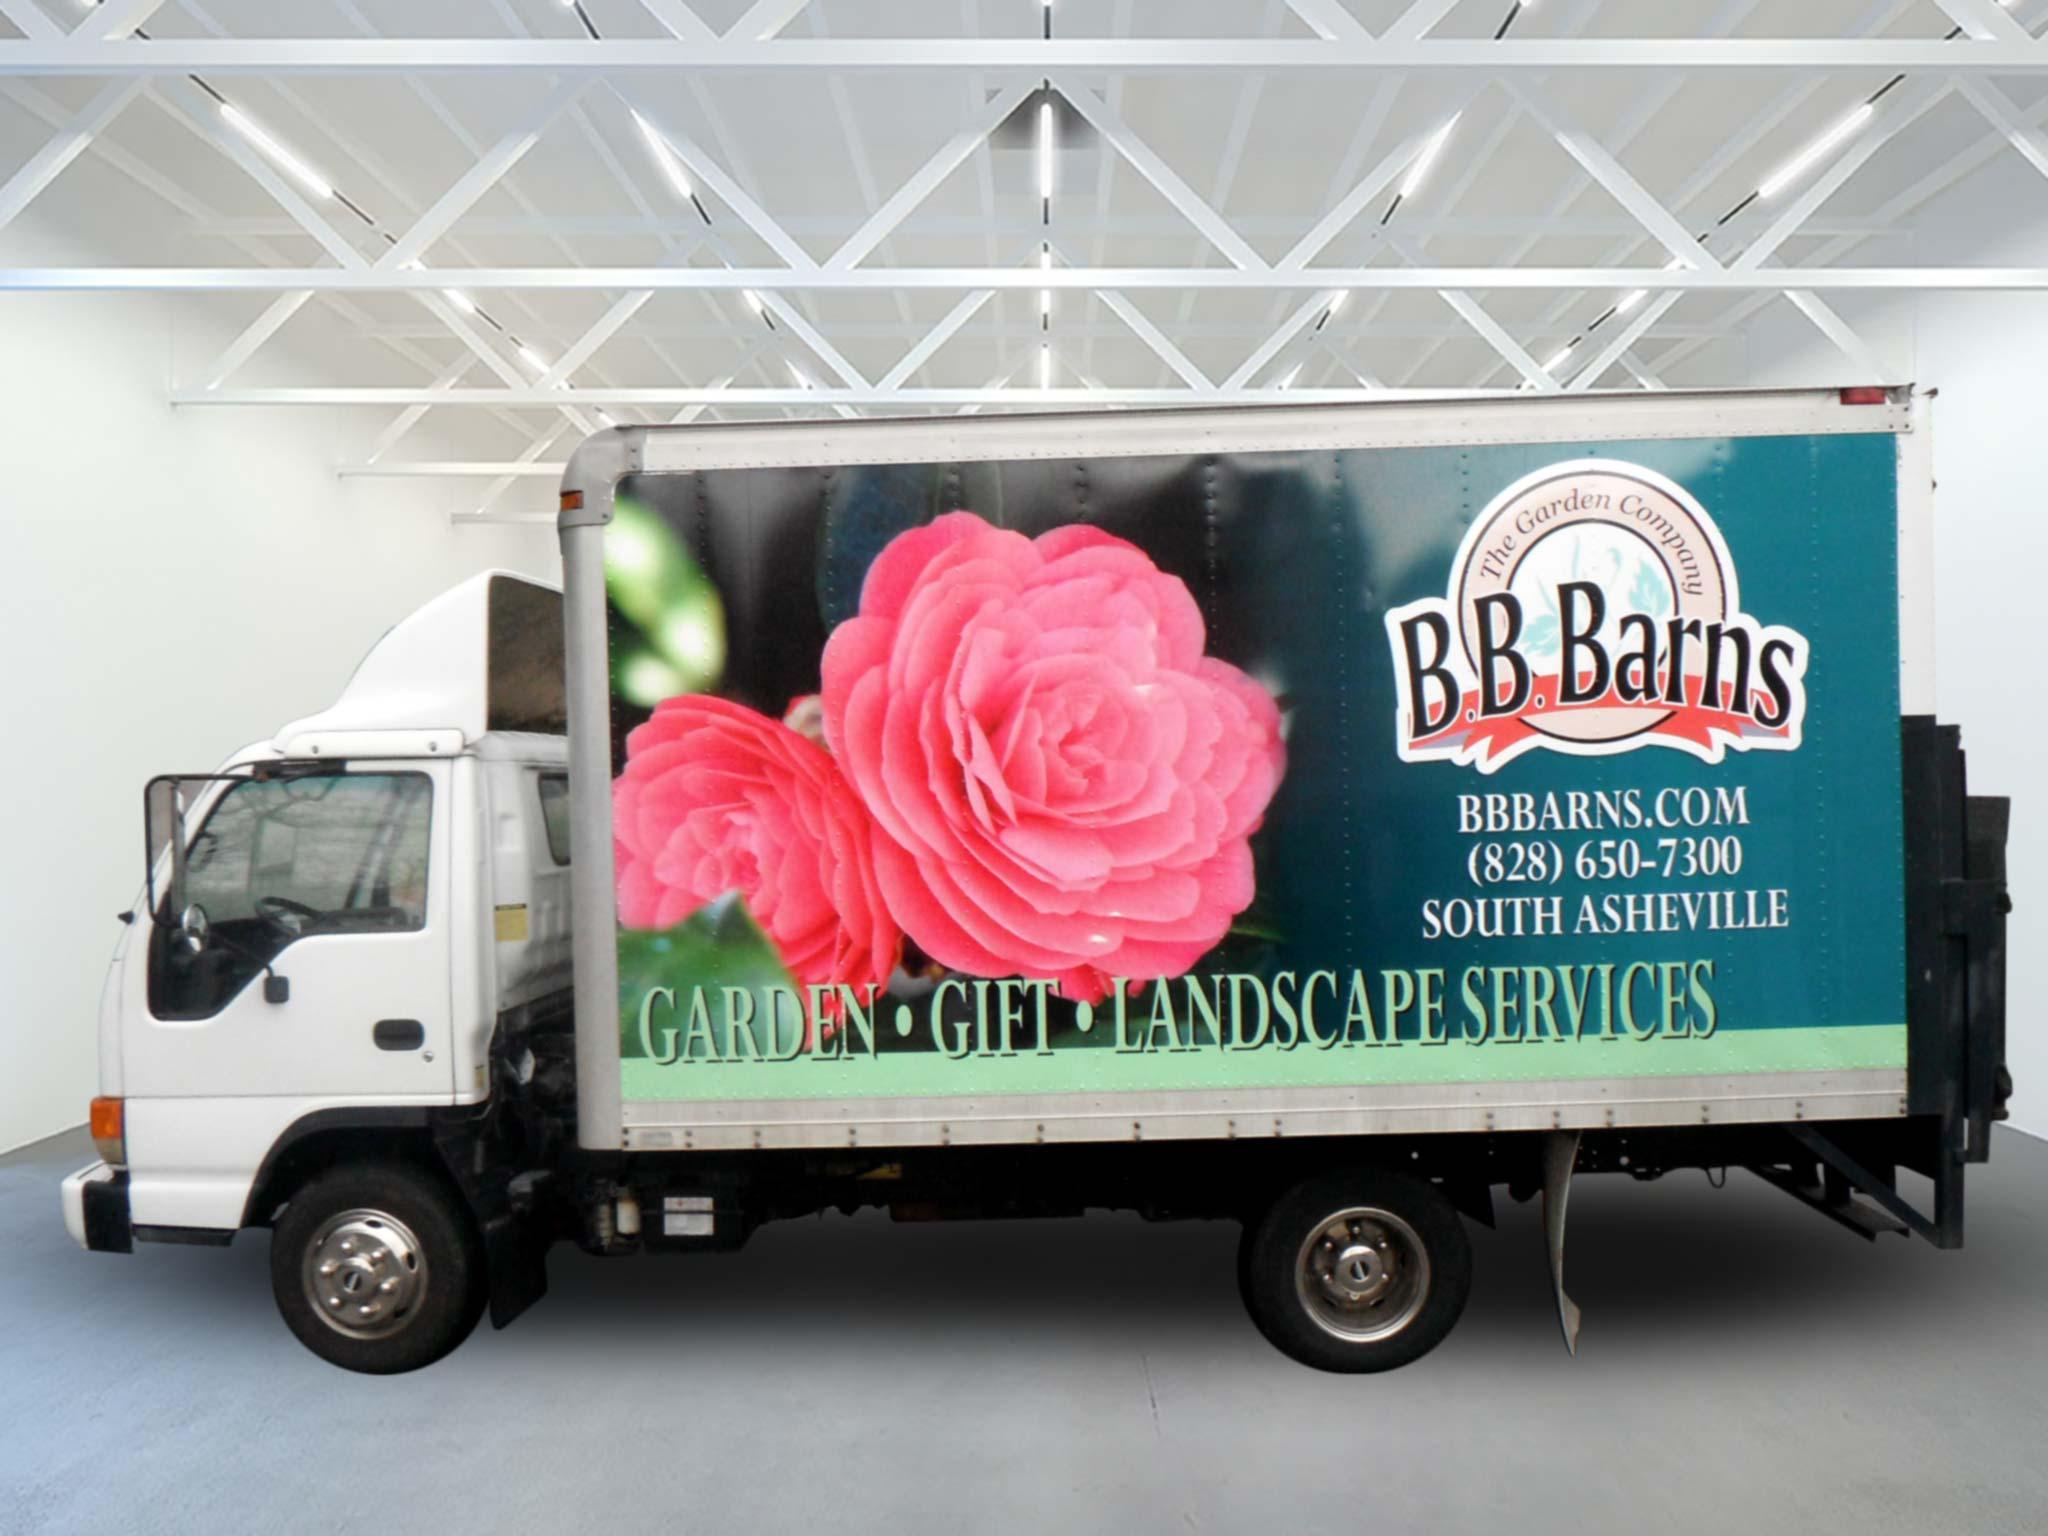 BB Barnes Box Truck